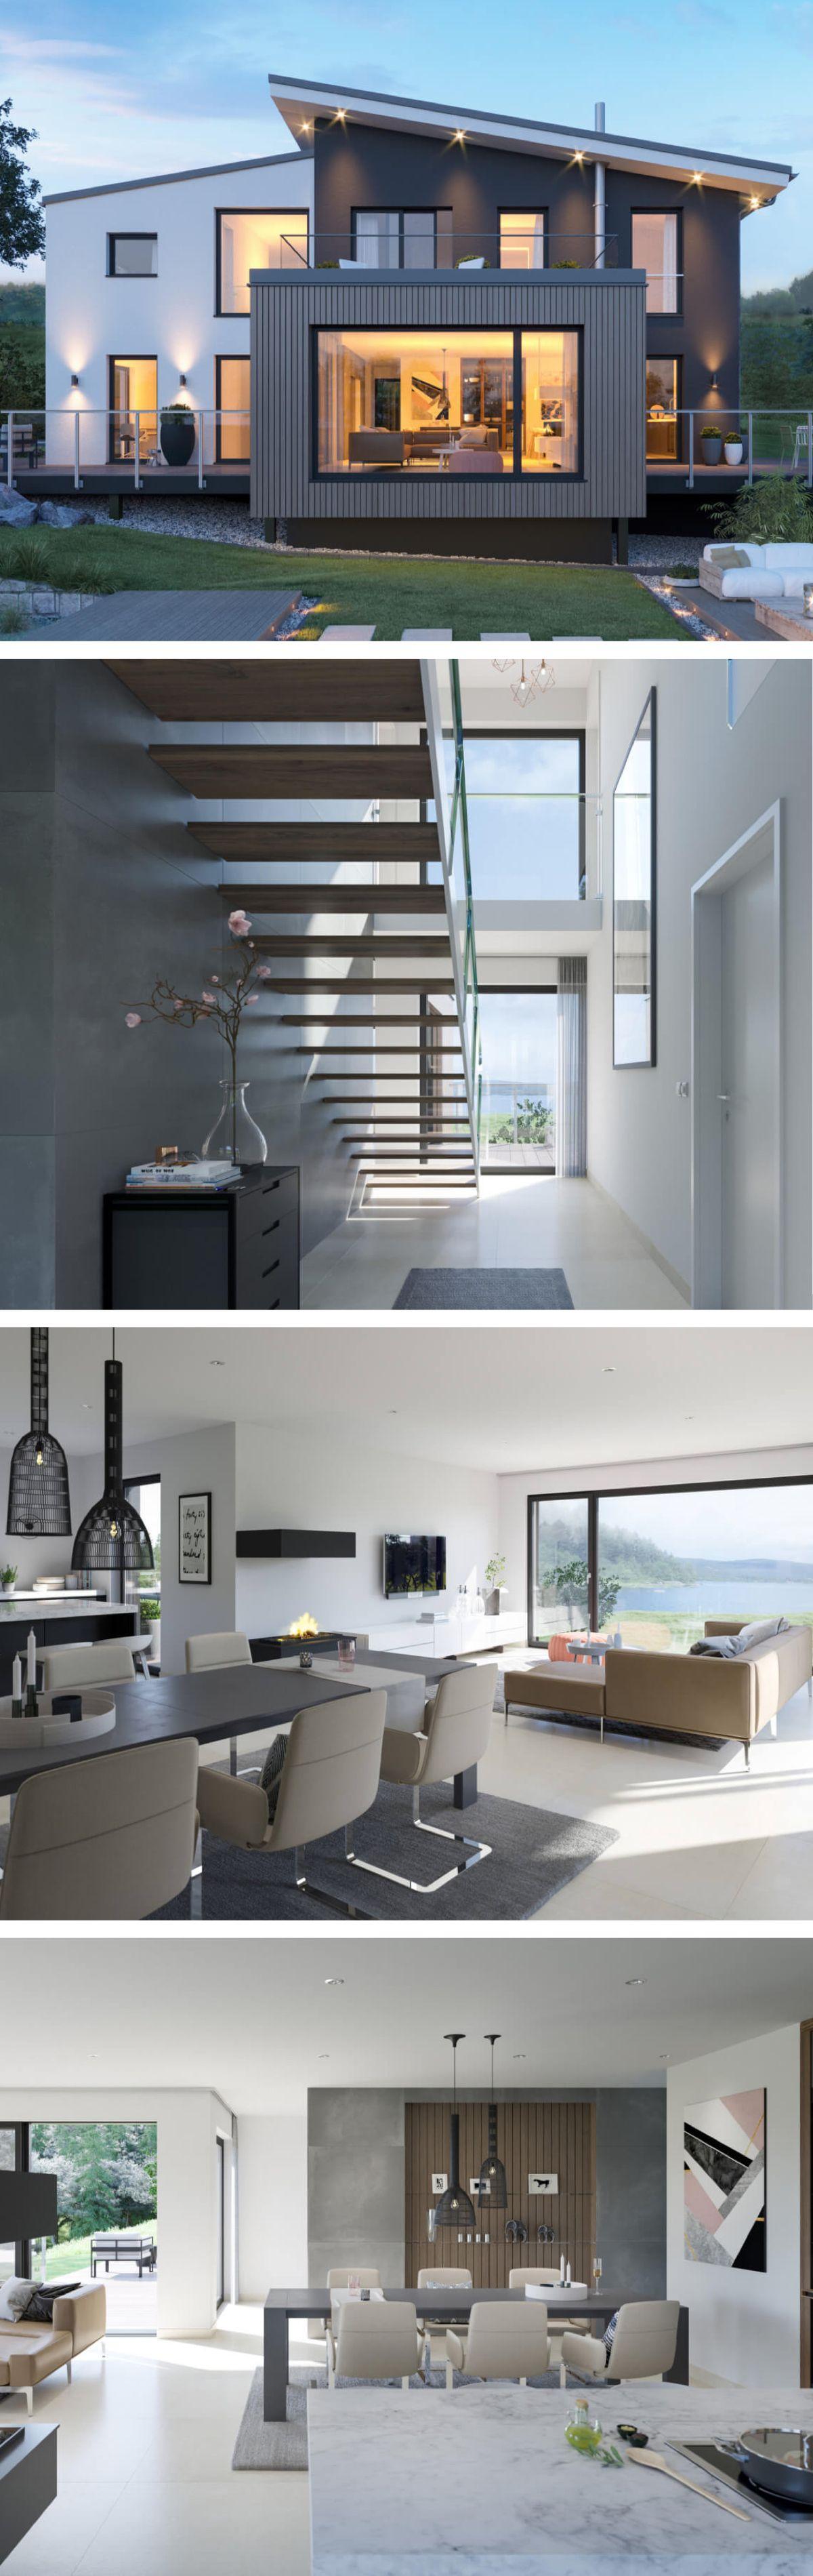 Modernes Design Haus Mit Pultdach Architektur Galerie Einfamilienhaus Bauen Fertighaus Concept M 170 Vi Einfamilienhaus Bauen Einfamilienhaus Hausbau Ideen